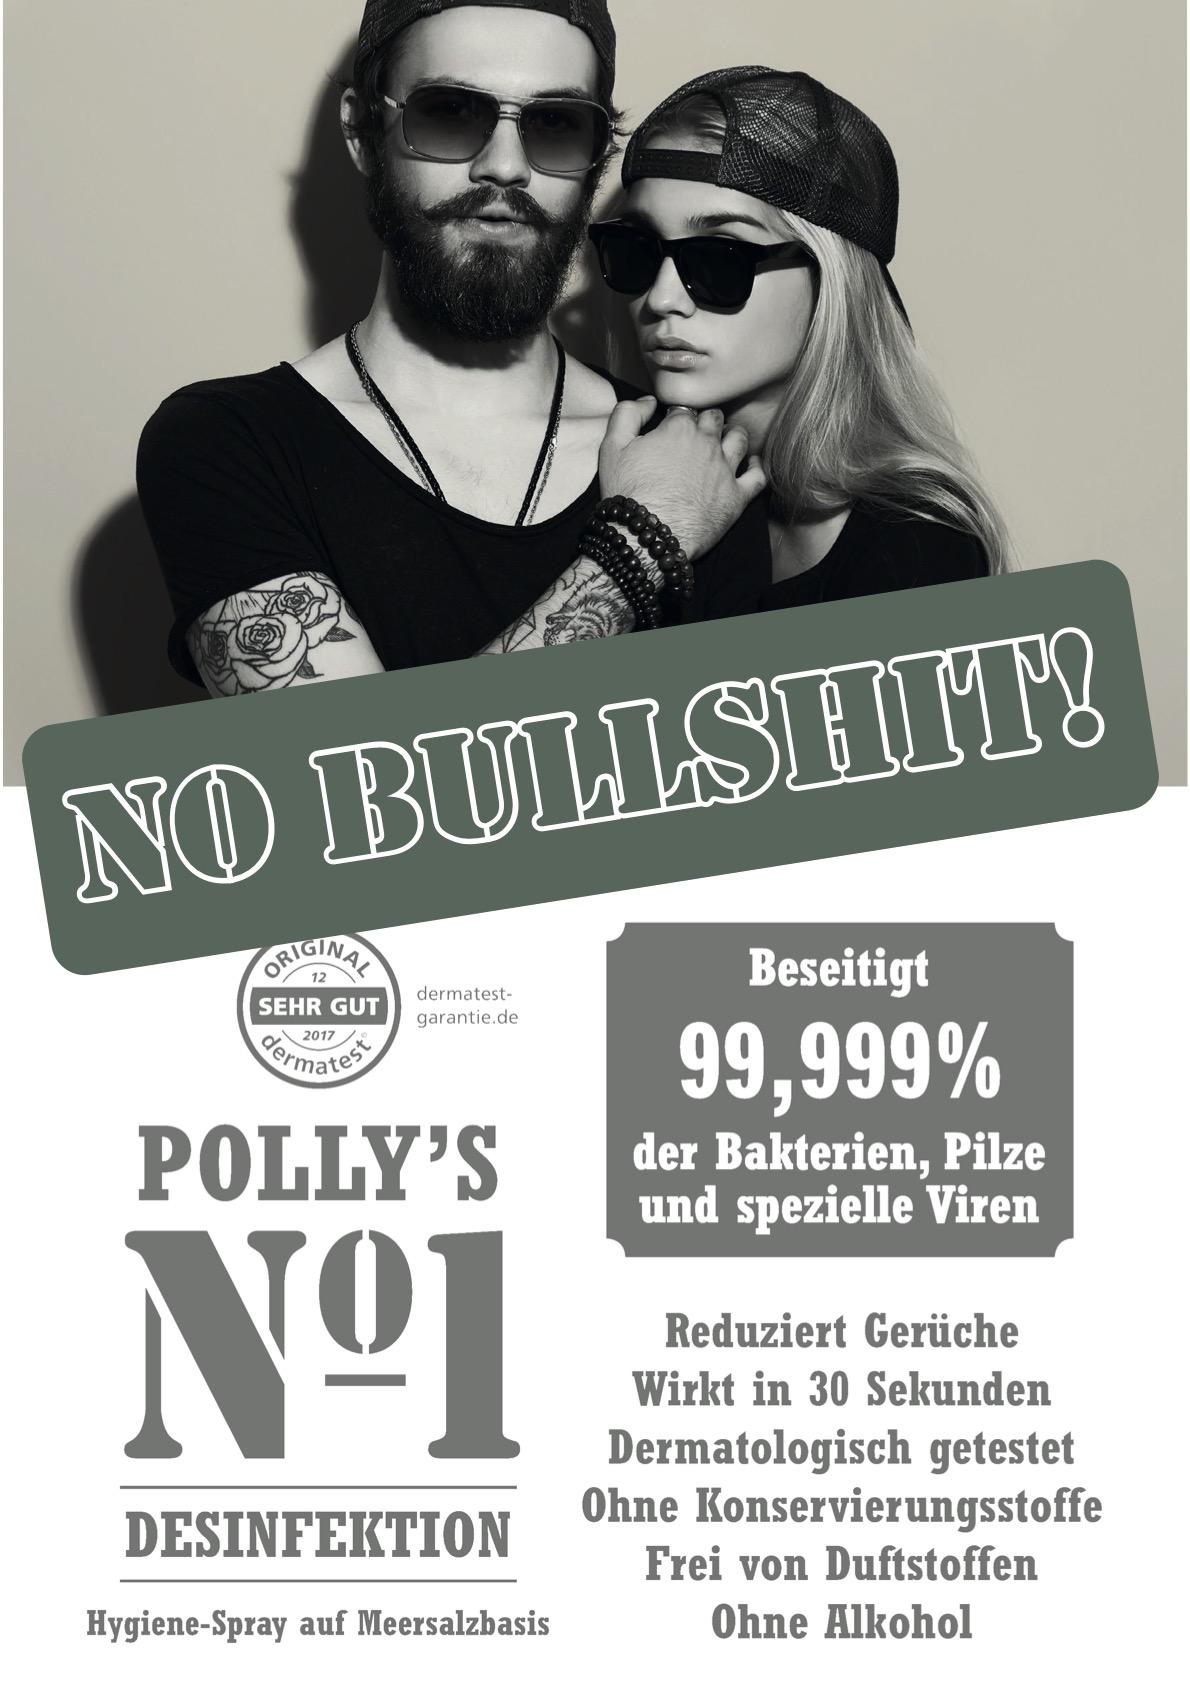 Pollys-No-Bullshit